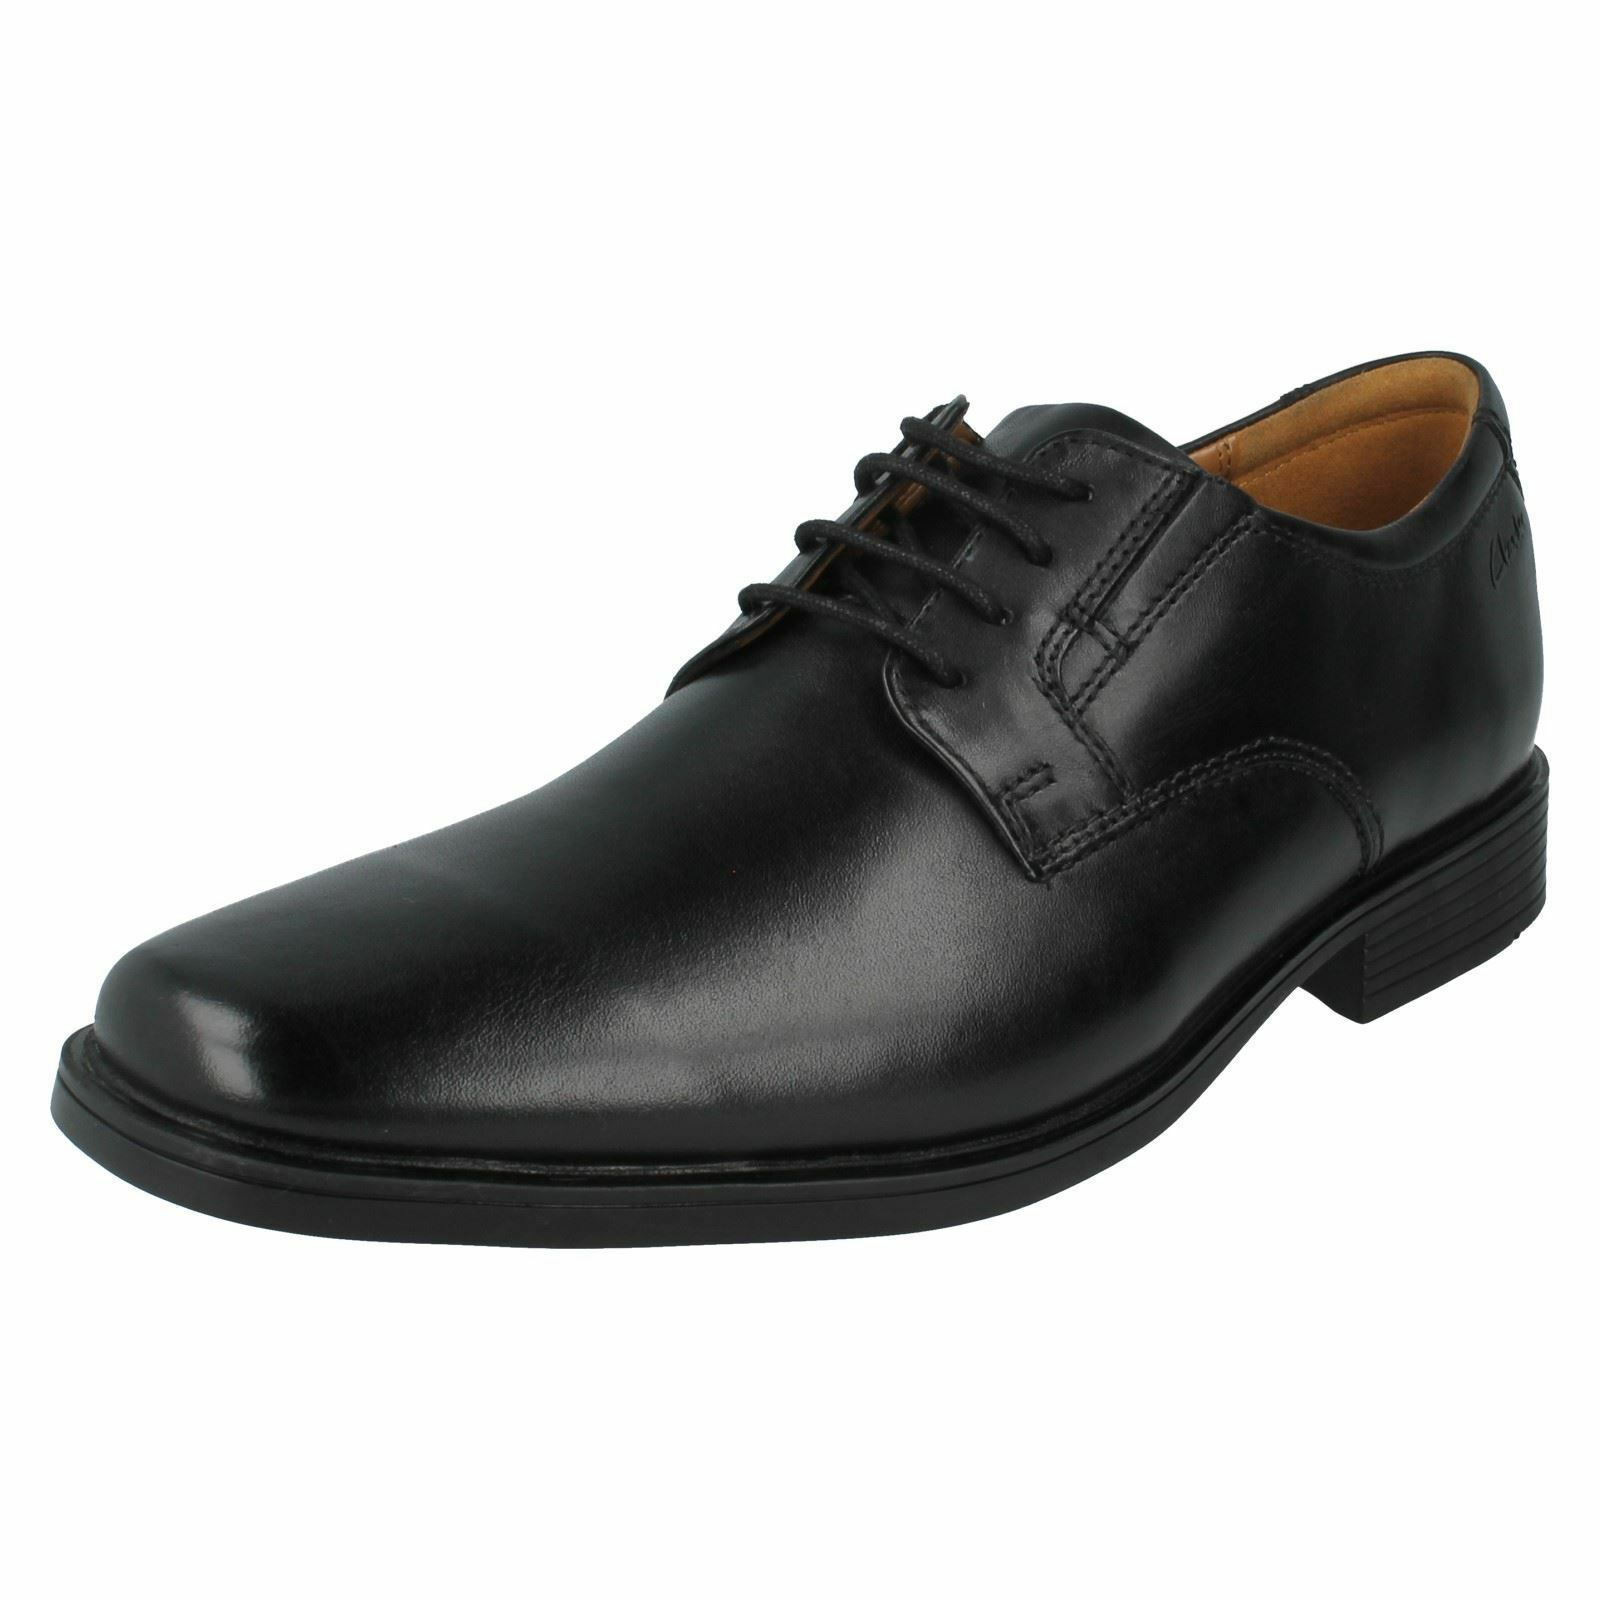 Clarks Tilden Plain Hommes Noir À Lacets Chaussures G Montage (R38A) (Kett)